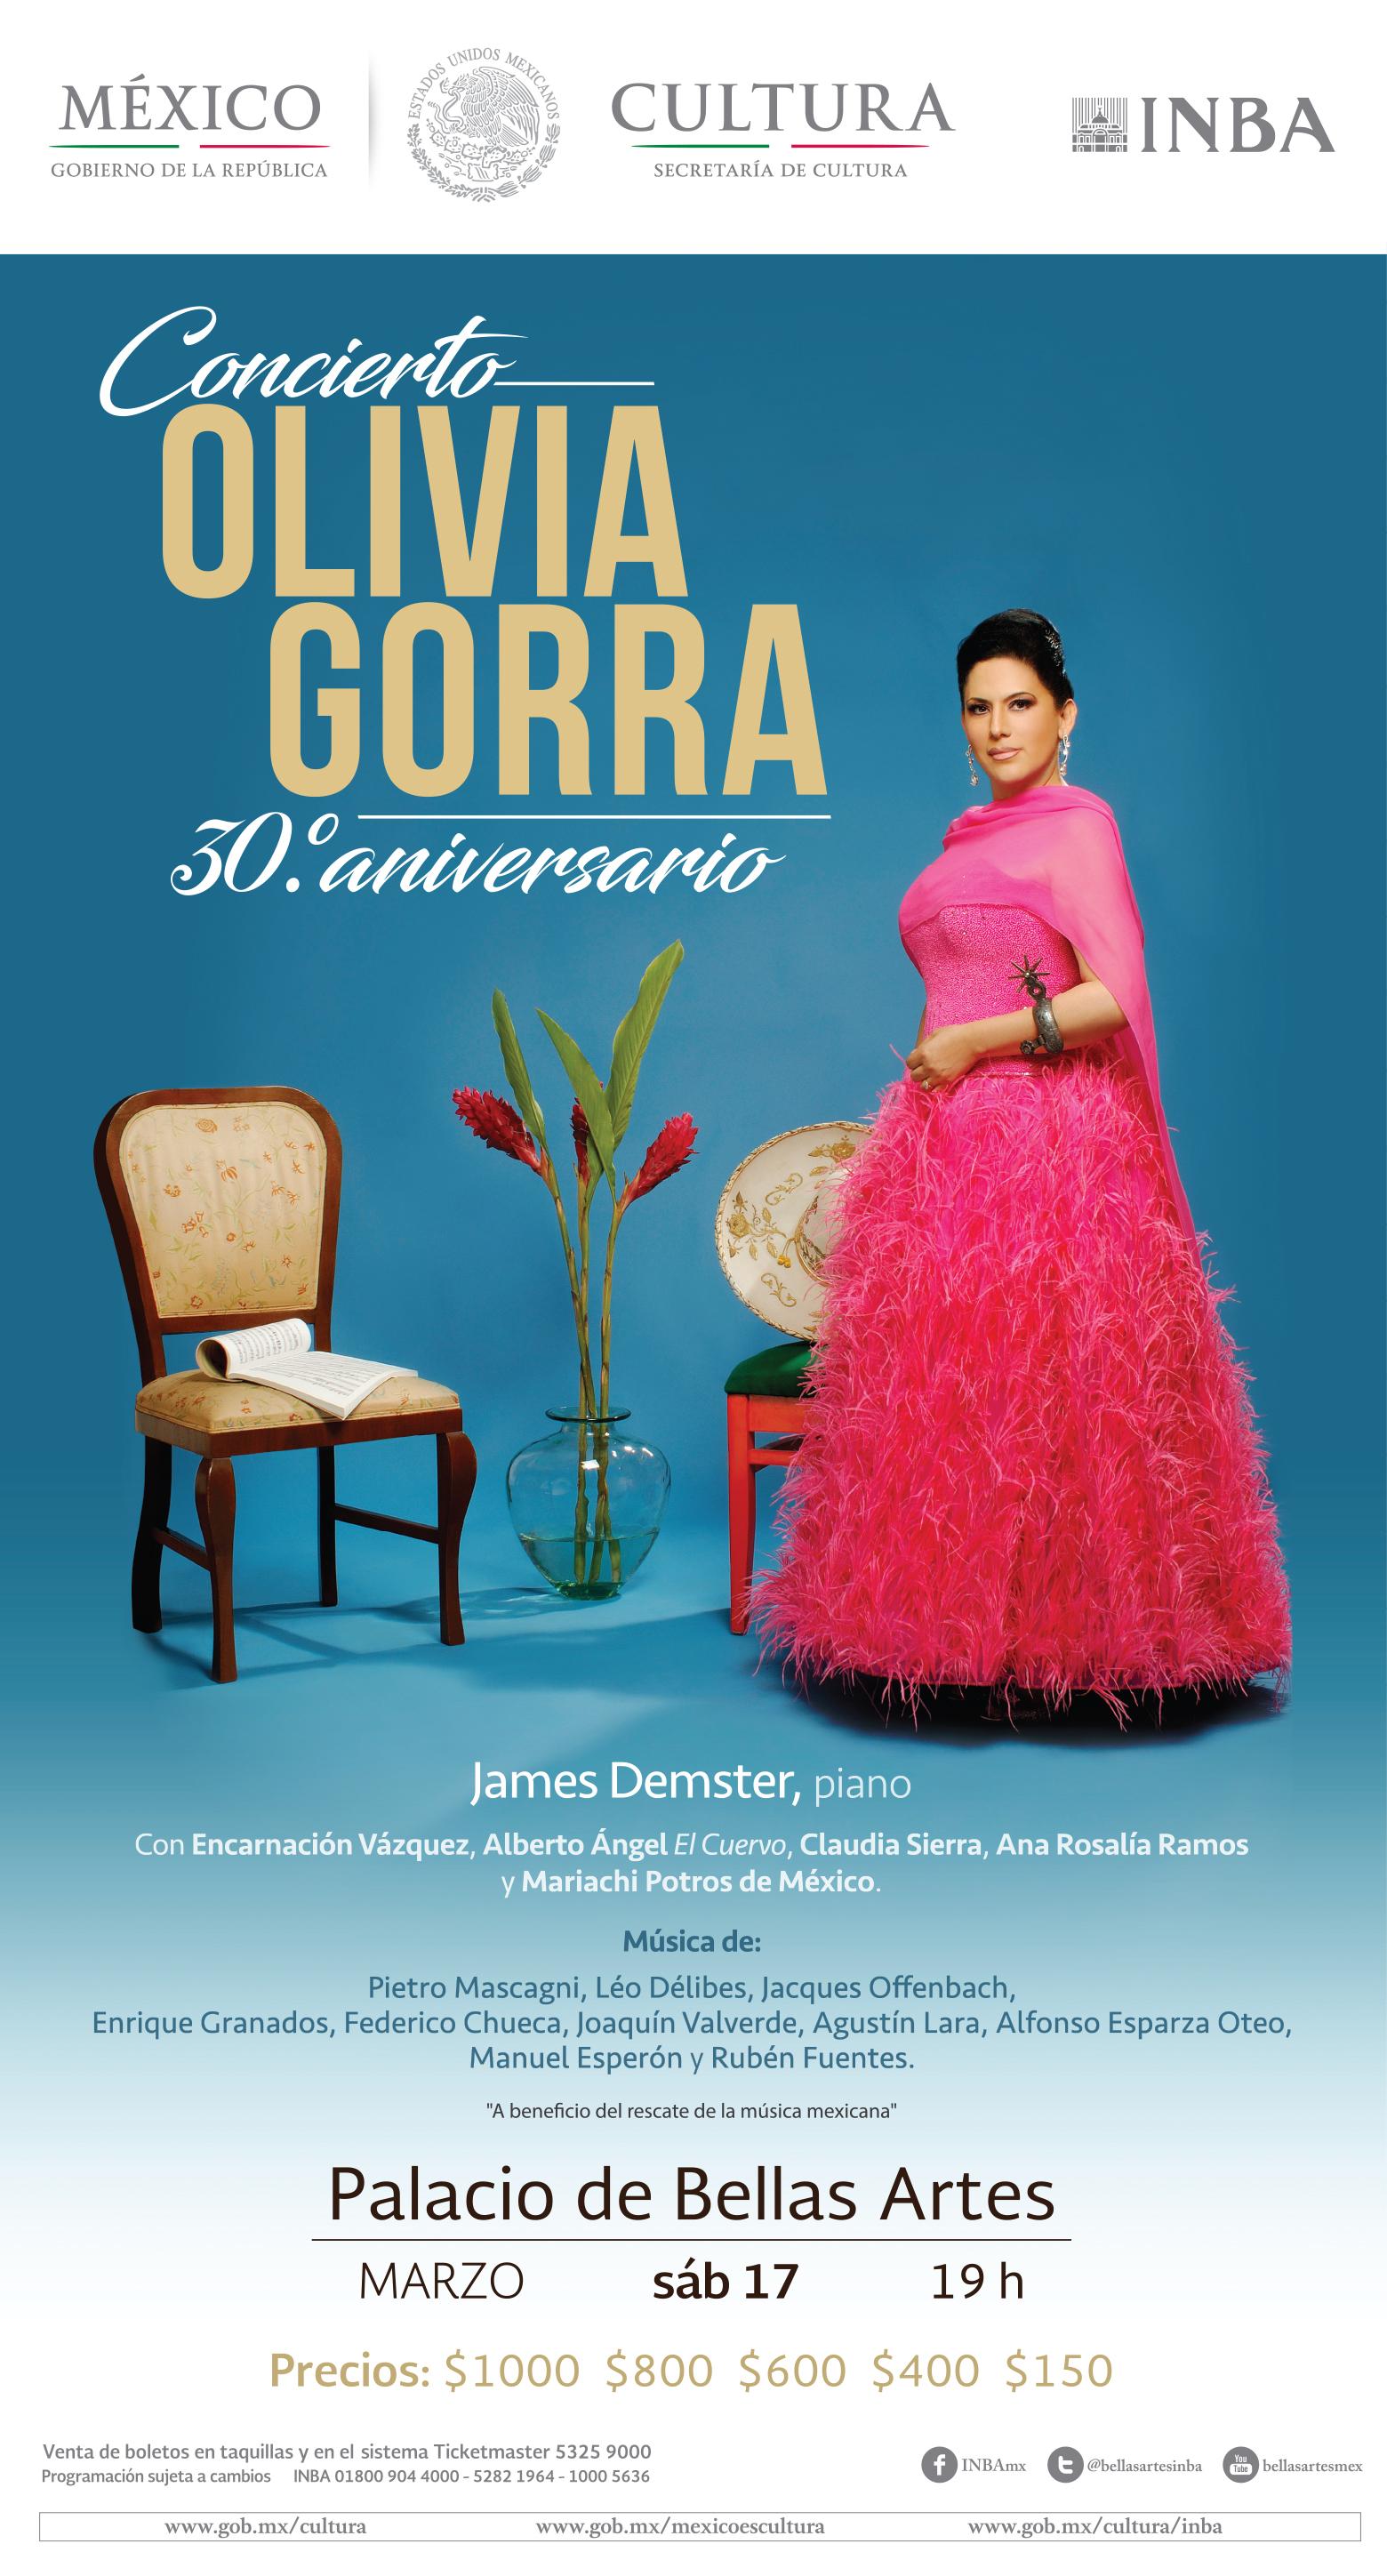 La soprano Olivia Gorra celebrará en Bellas Artes tres décadas de lucha y  éxitos ffab133654b